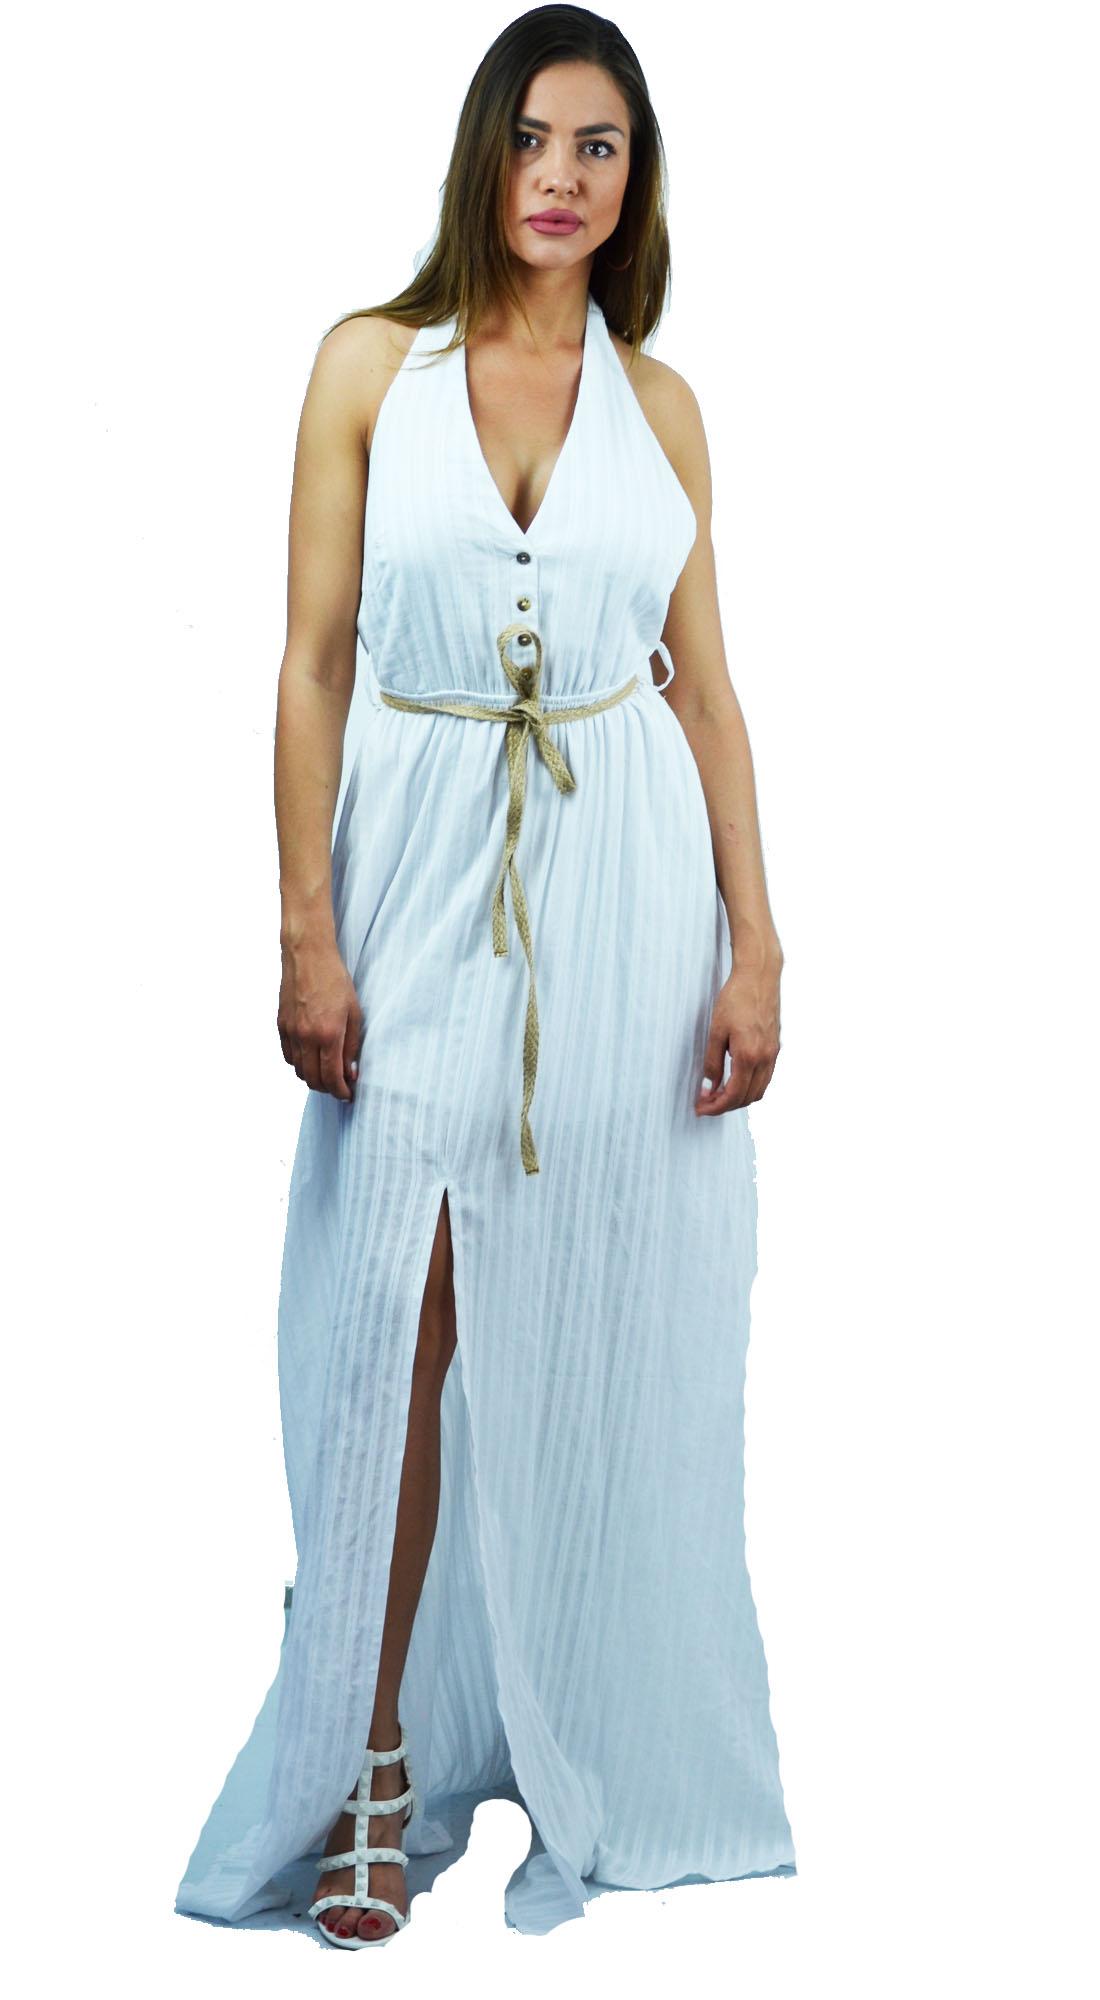 Μάξι Έθνικ Φόρεμα με ζώνη στην μέση και Λάστιχο στην Μέση - OEM - S17LV-5317372 glam occassions wedding shop